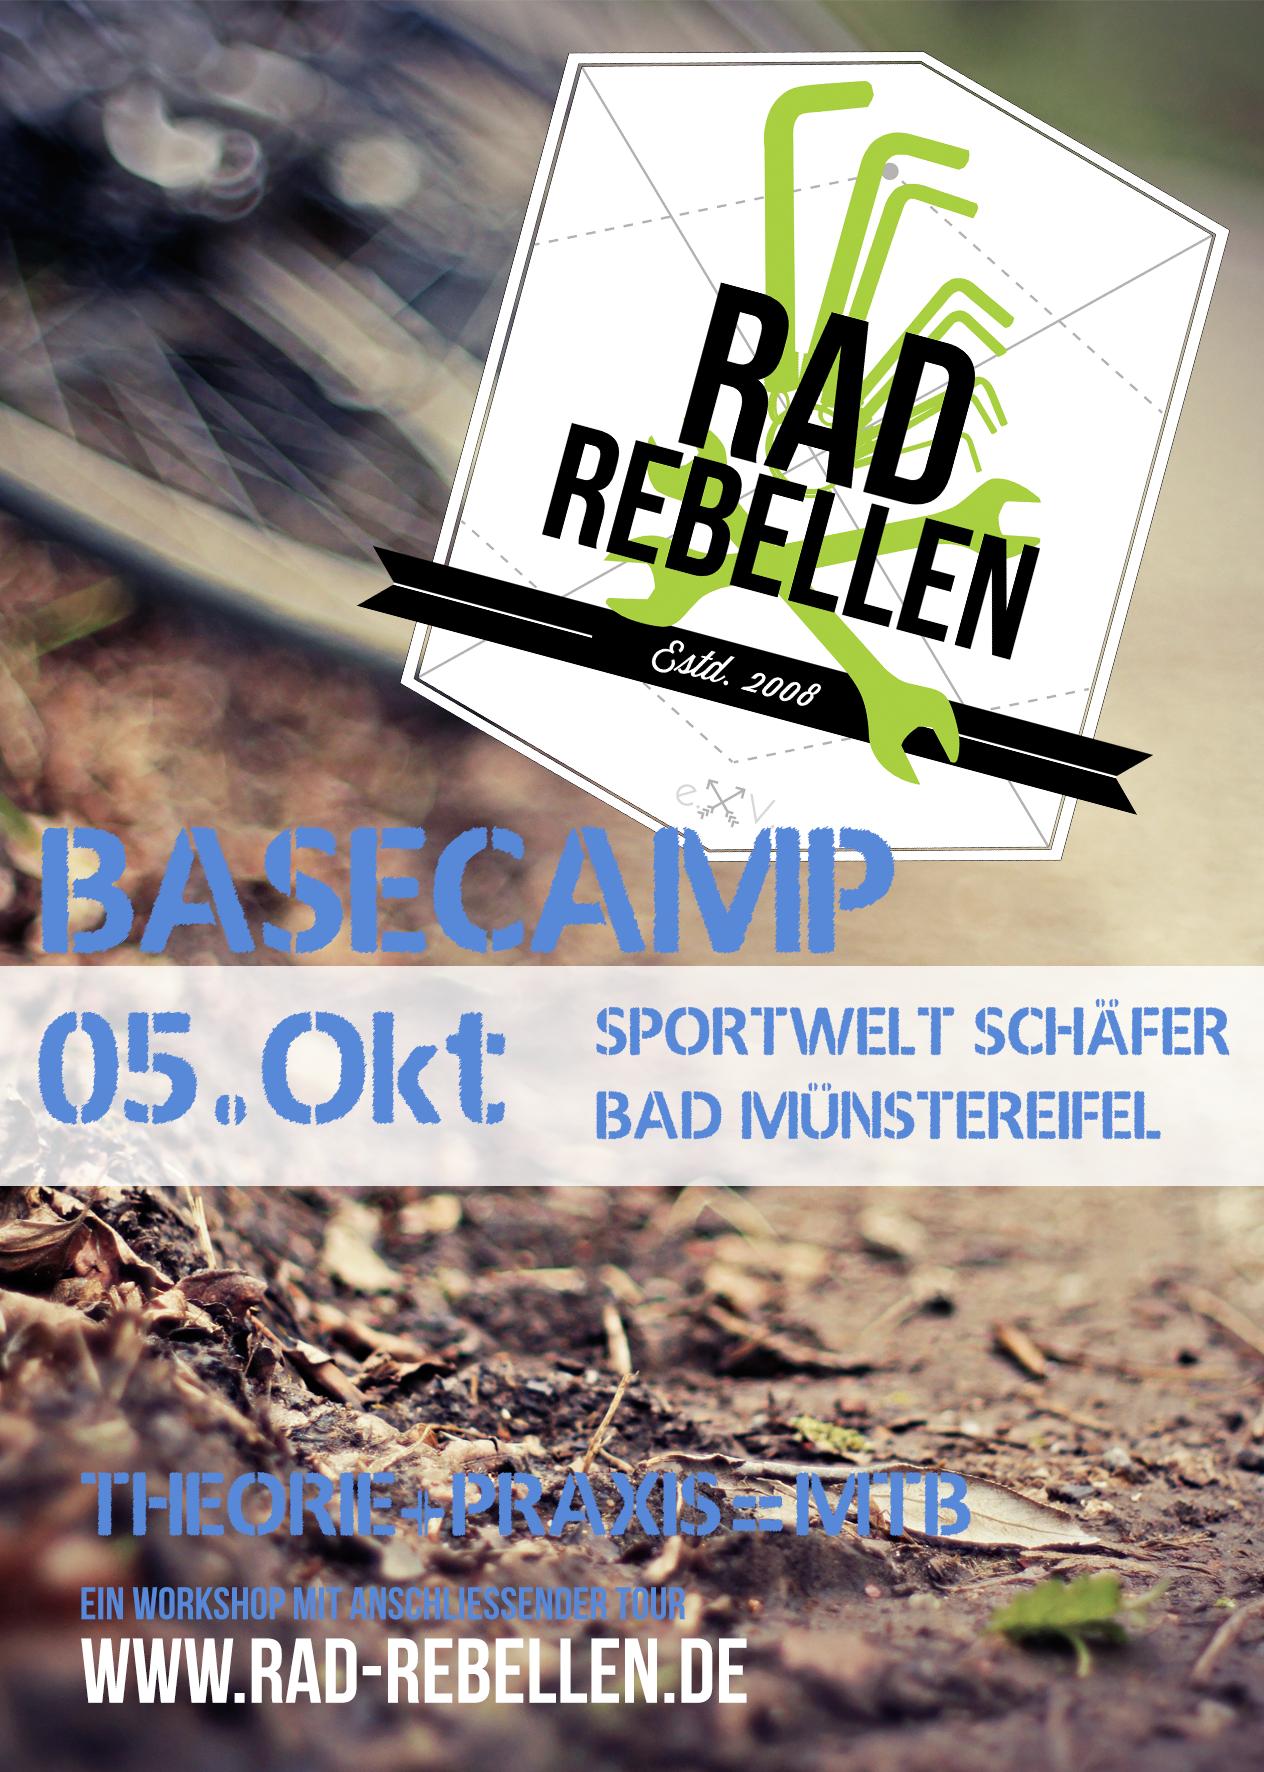 Like, share & spread – Der Basecamp-Flyer